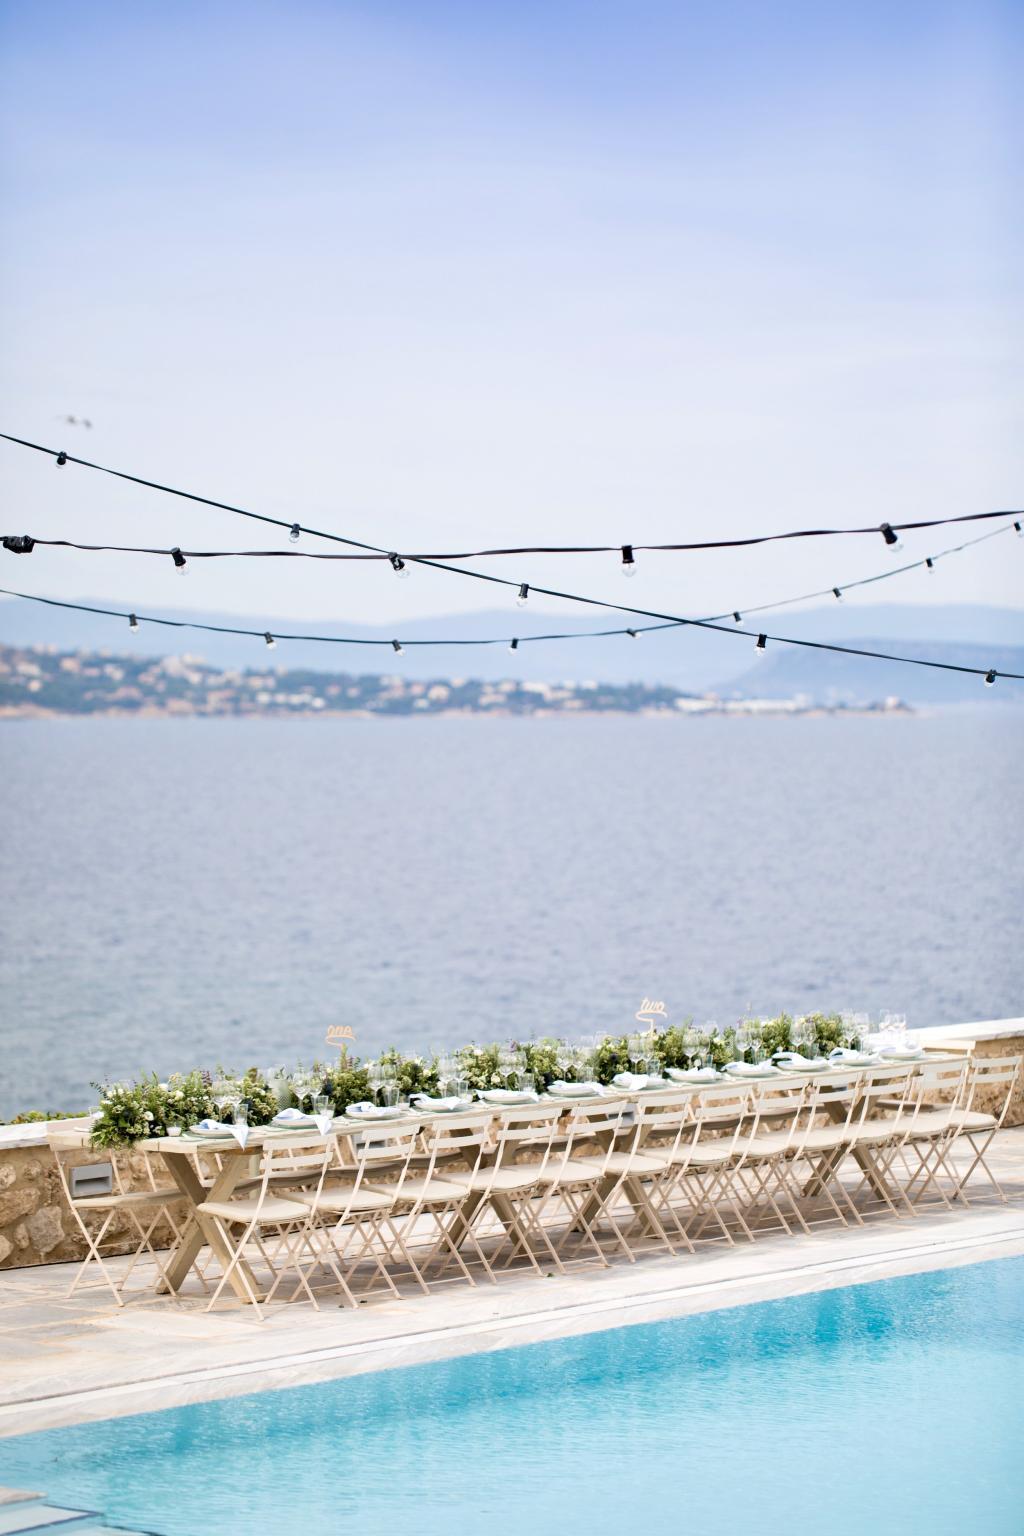 M&AJ Spetses wedding - Image 12